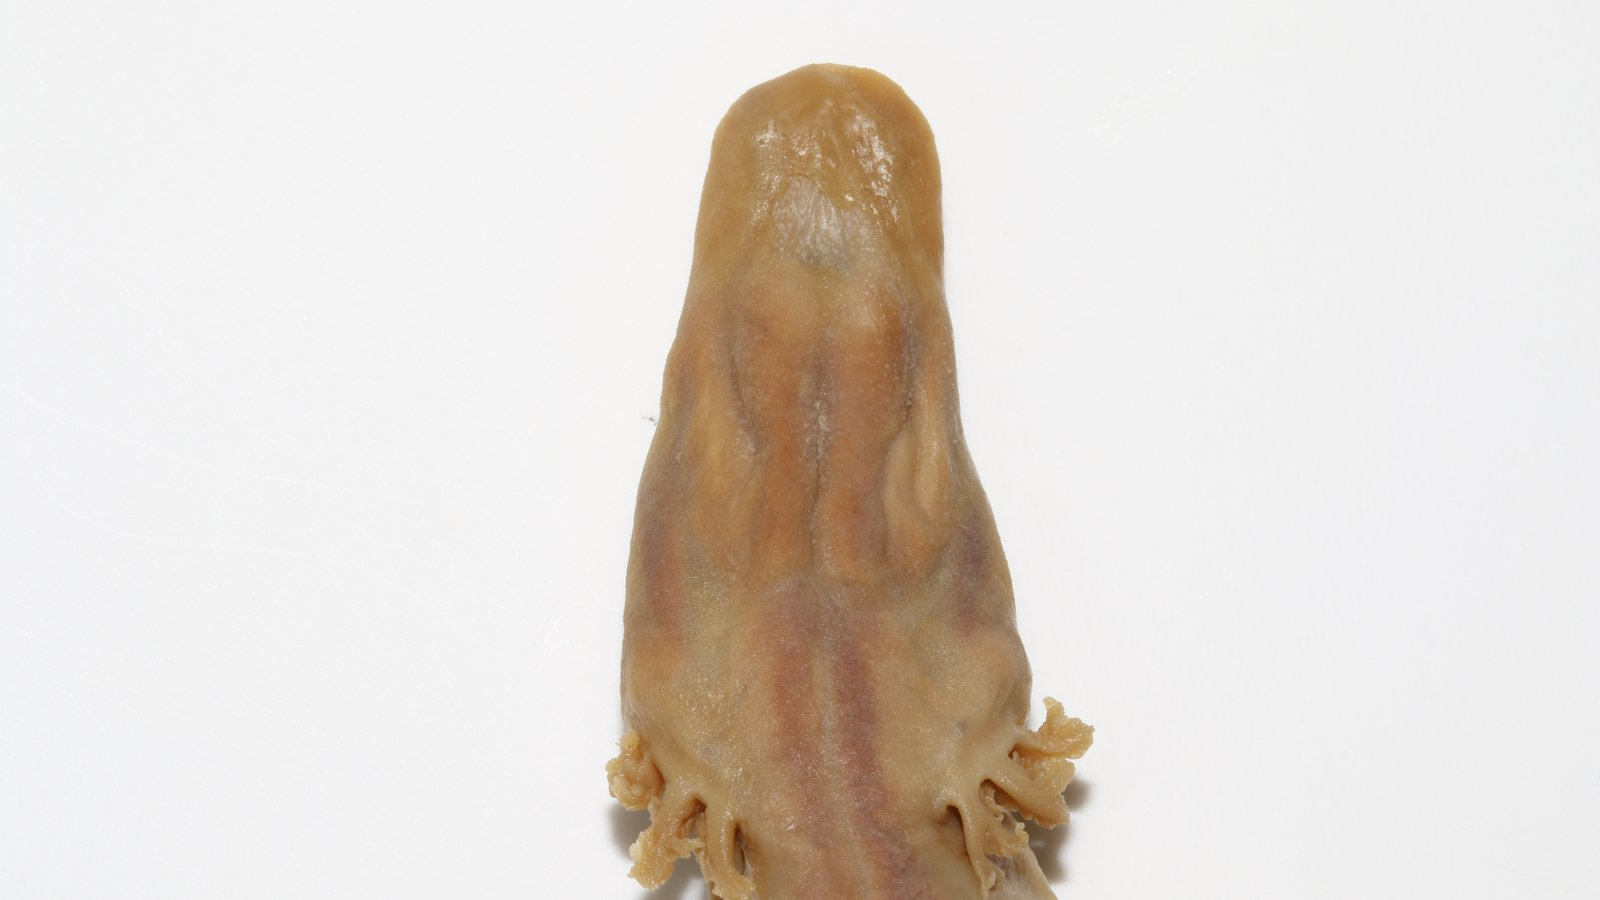 Olm (Proteus anguinus) Specimen AMS R.187533.